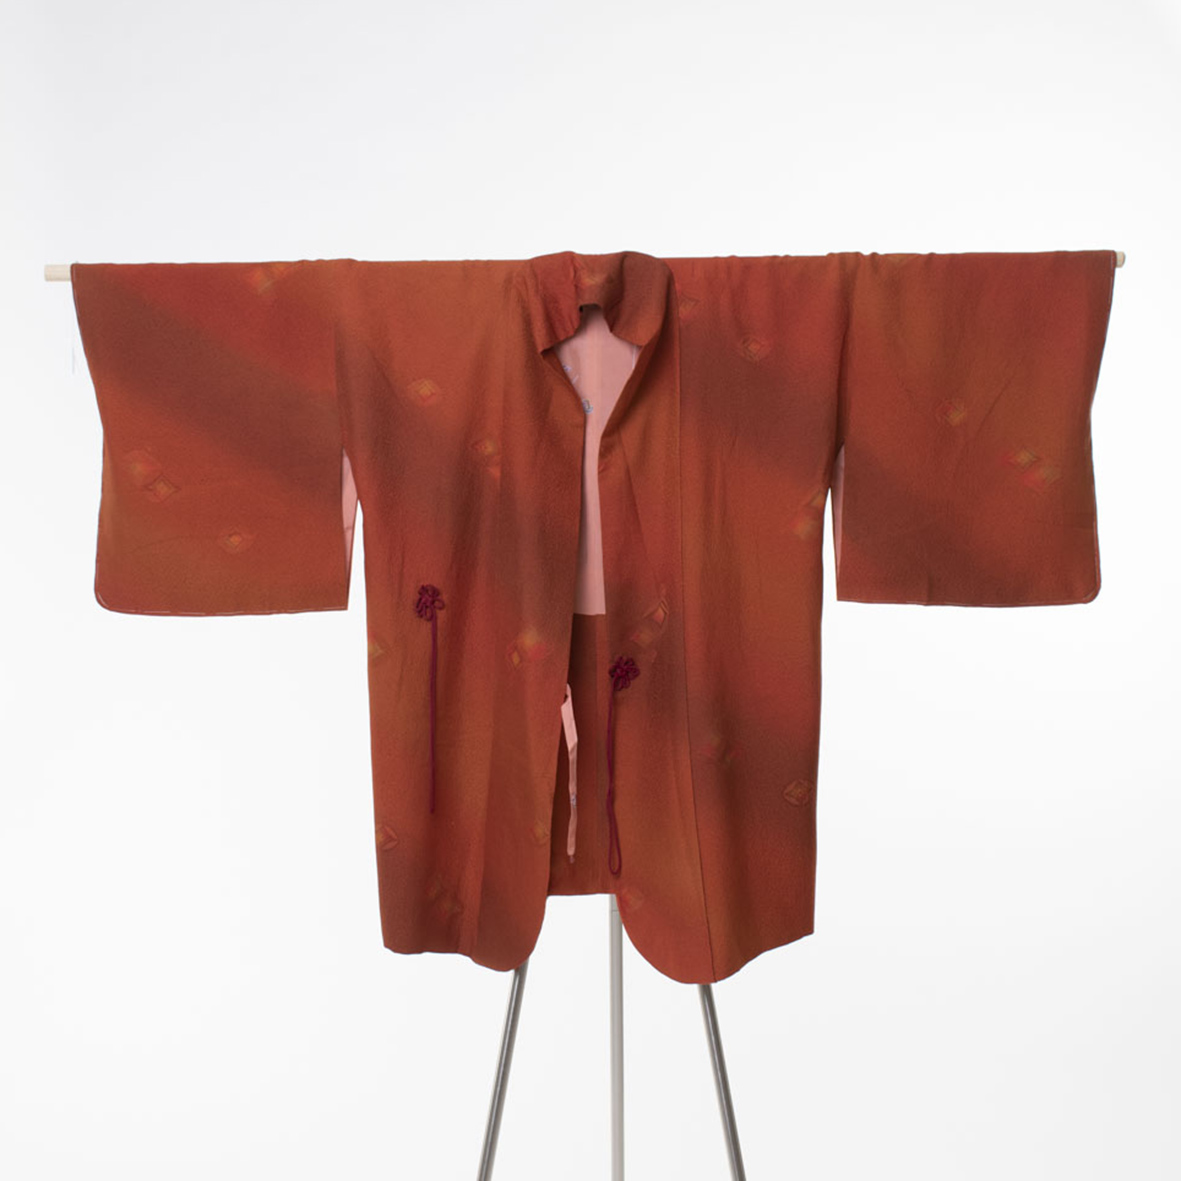 Ruosteenpunainen vintagehaori/dochugi